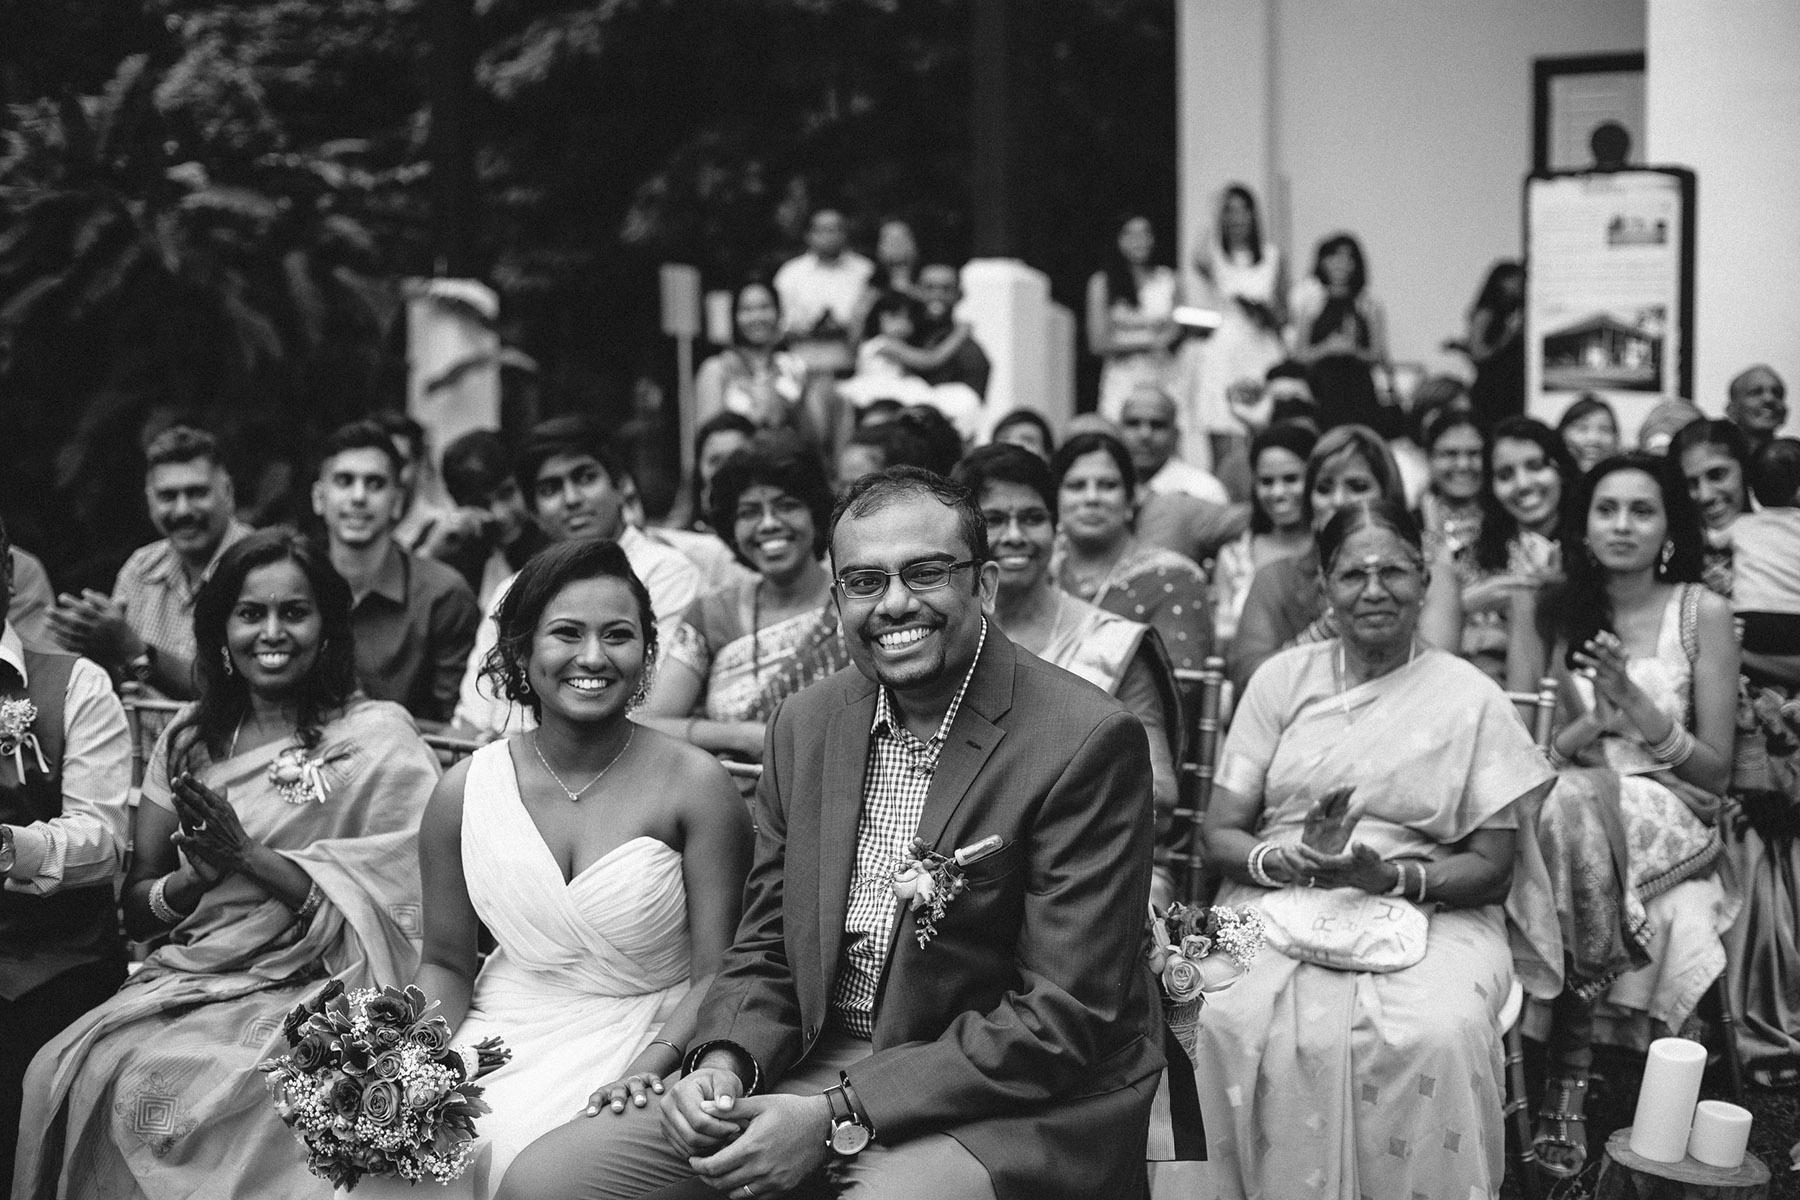 singapore-wedding-photographer-wemadethese-bw-021.jpg